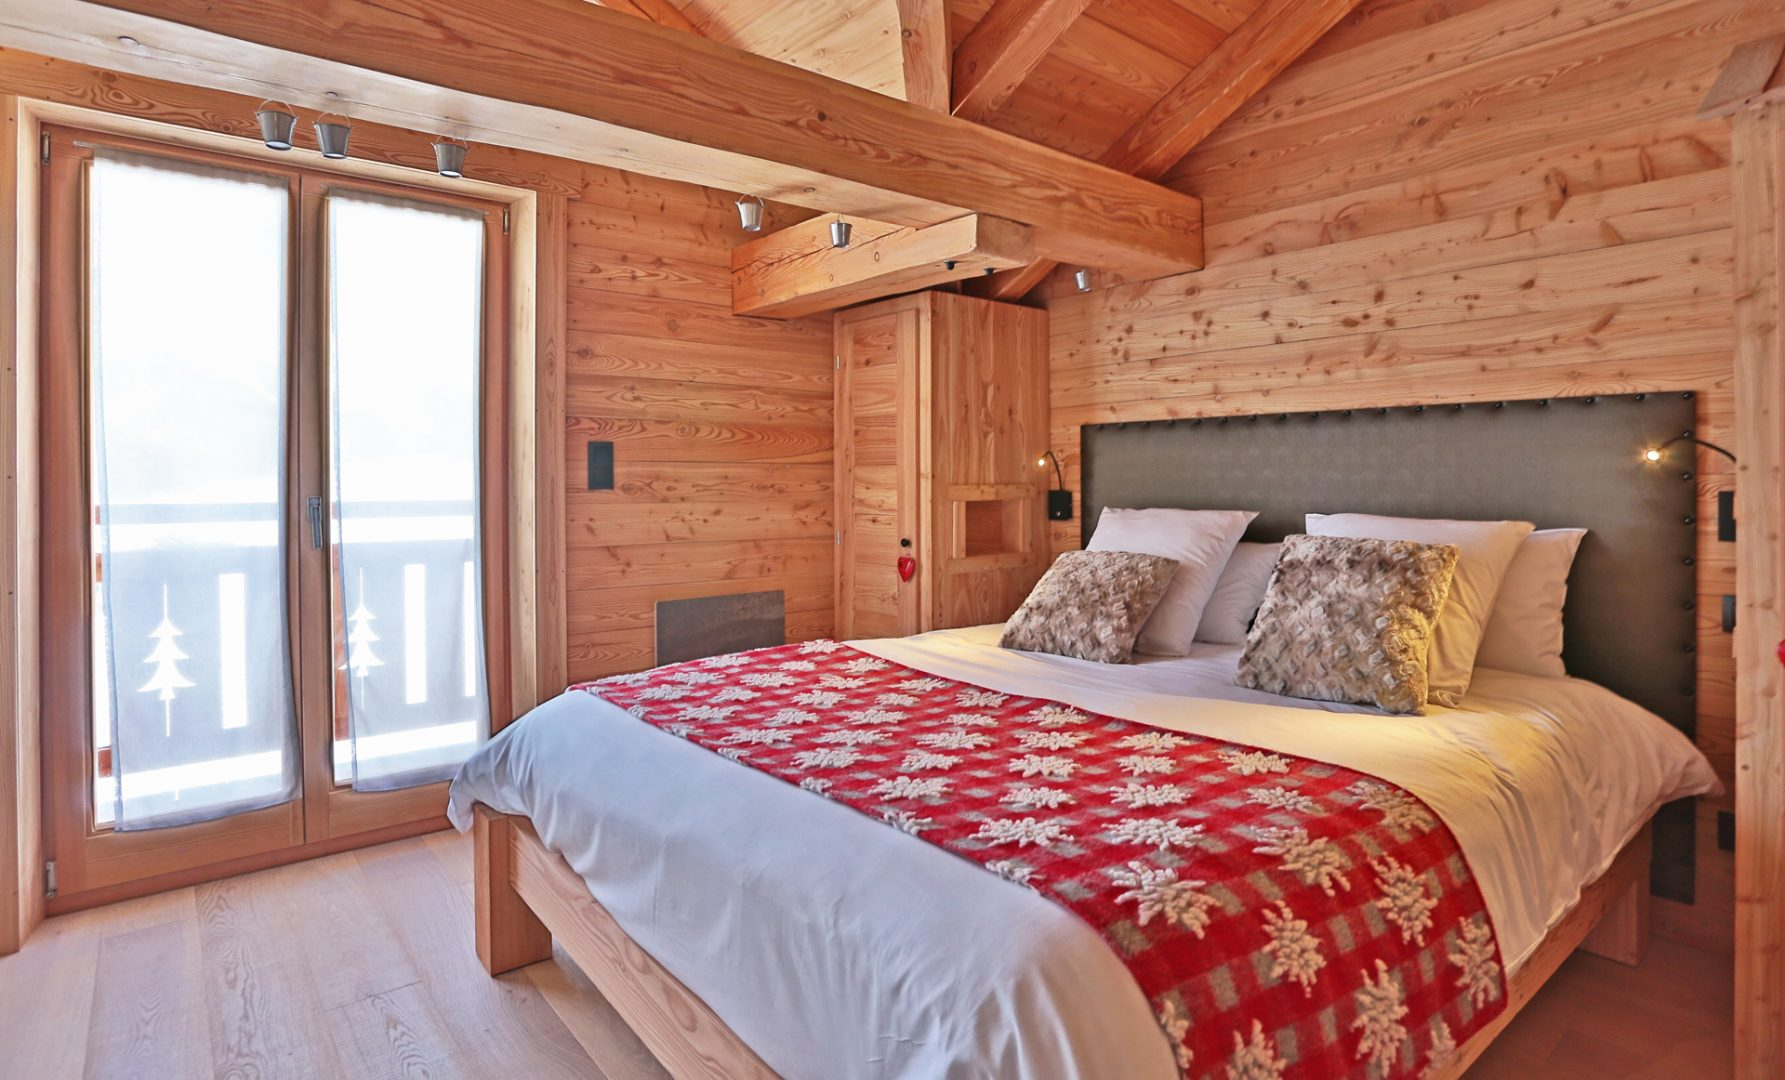 Chalet chambre avec balcon